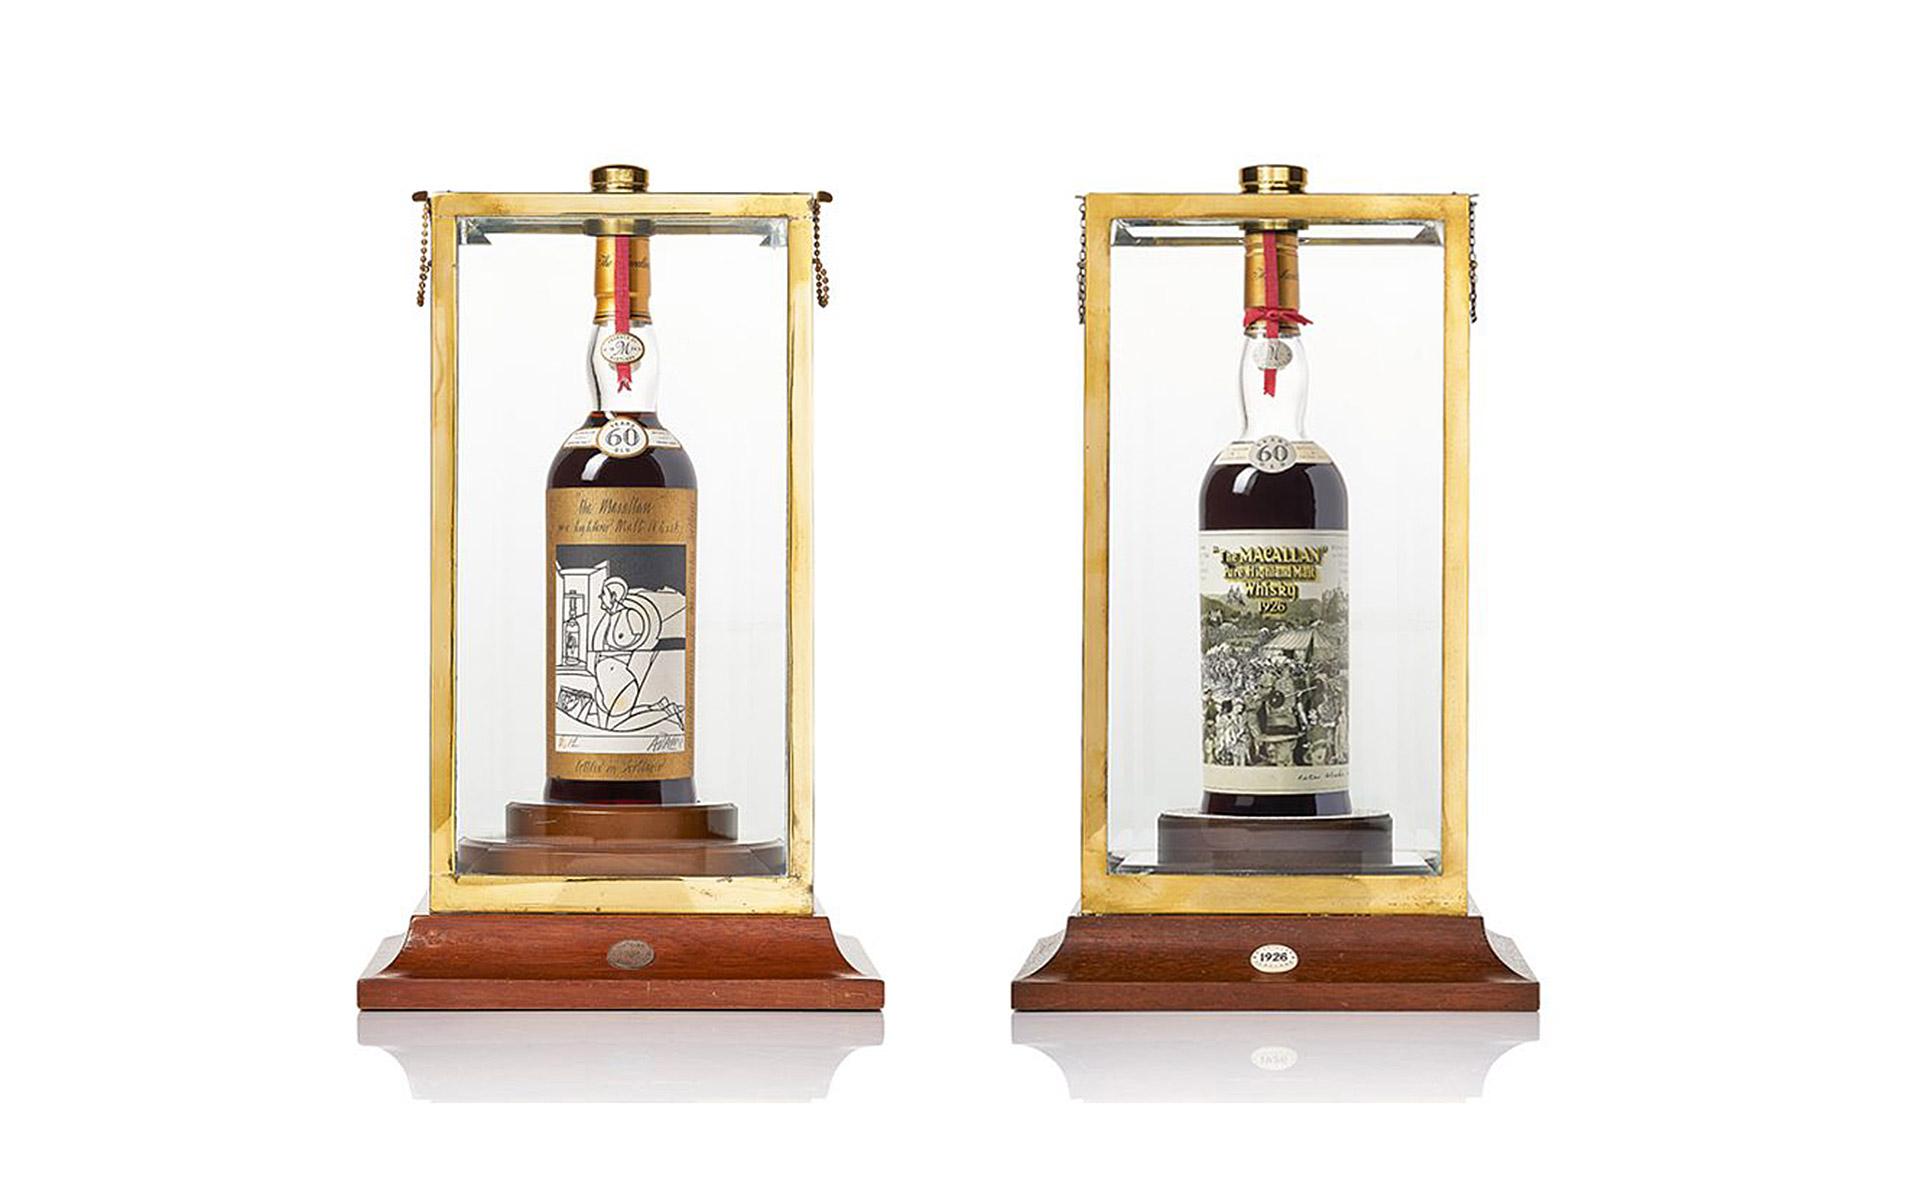 Zwei der teuersten Whiskys der Welt: Der Macallan 1926 wurde von Valerio Adami und Peter Blake gestaltet (Foto: Bonhams)